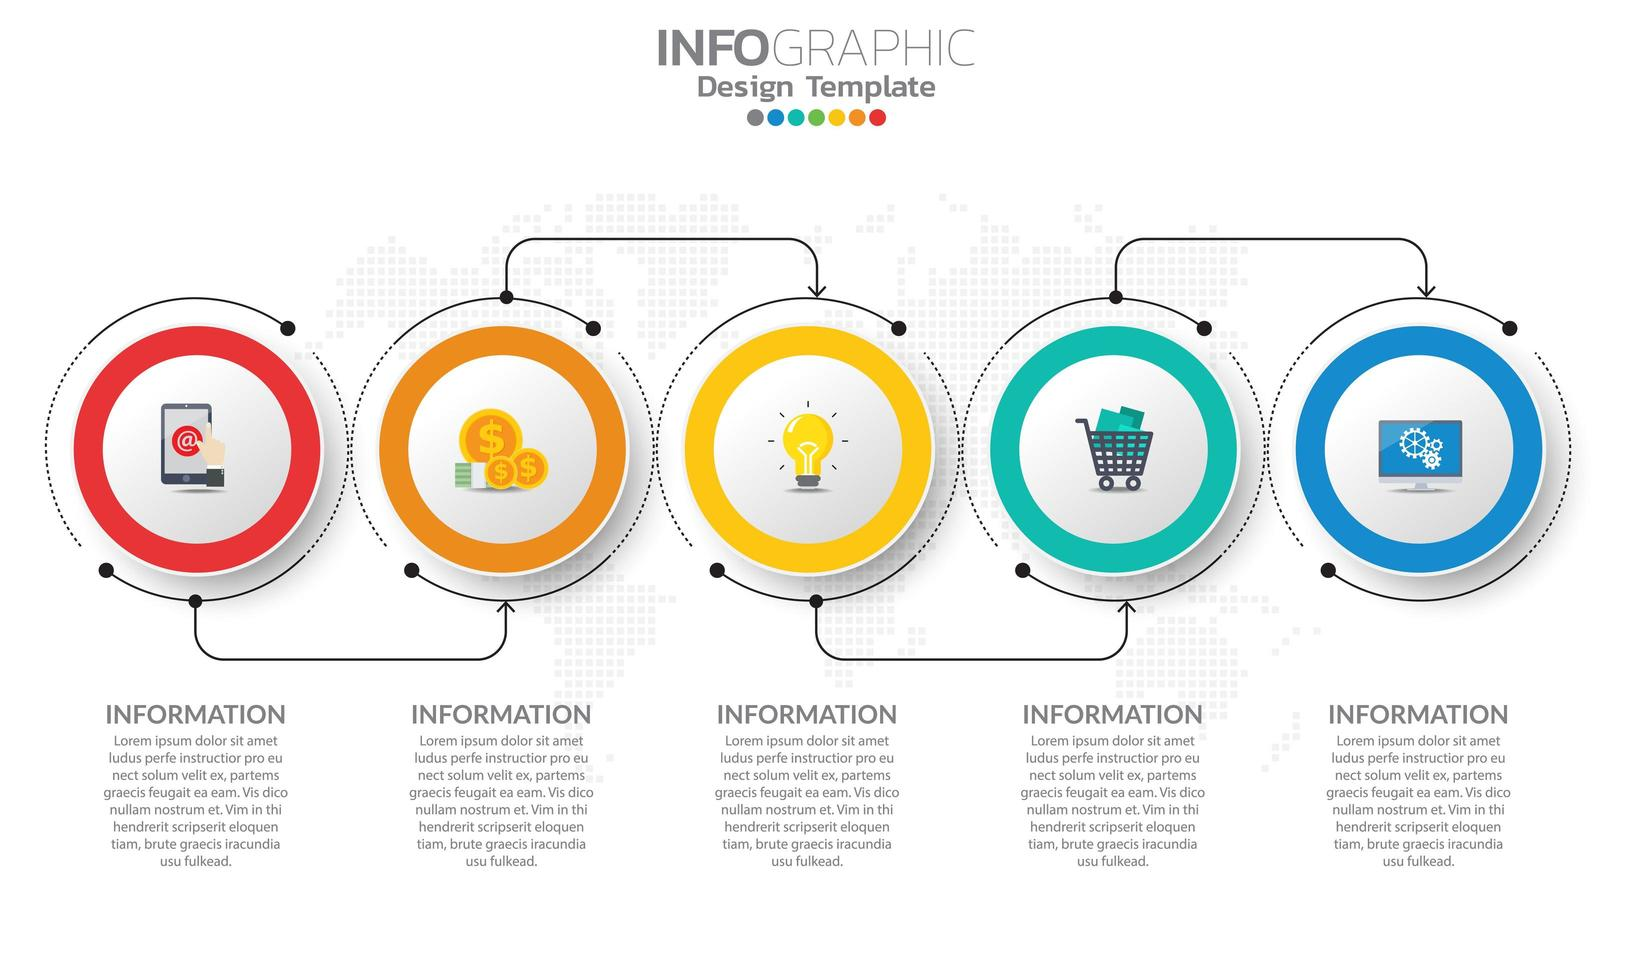 infográfico da linha do tempo com 5 círculos coloridos nas bordas vetor